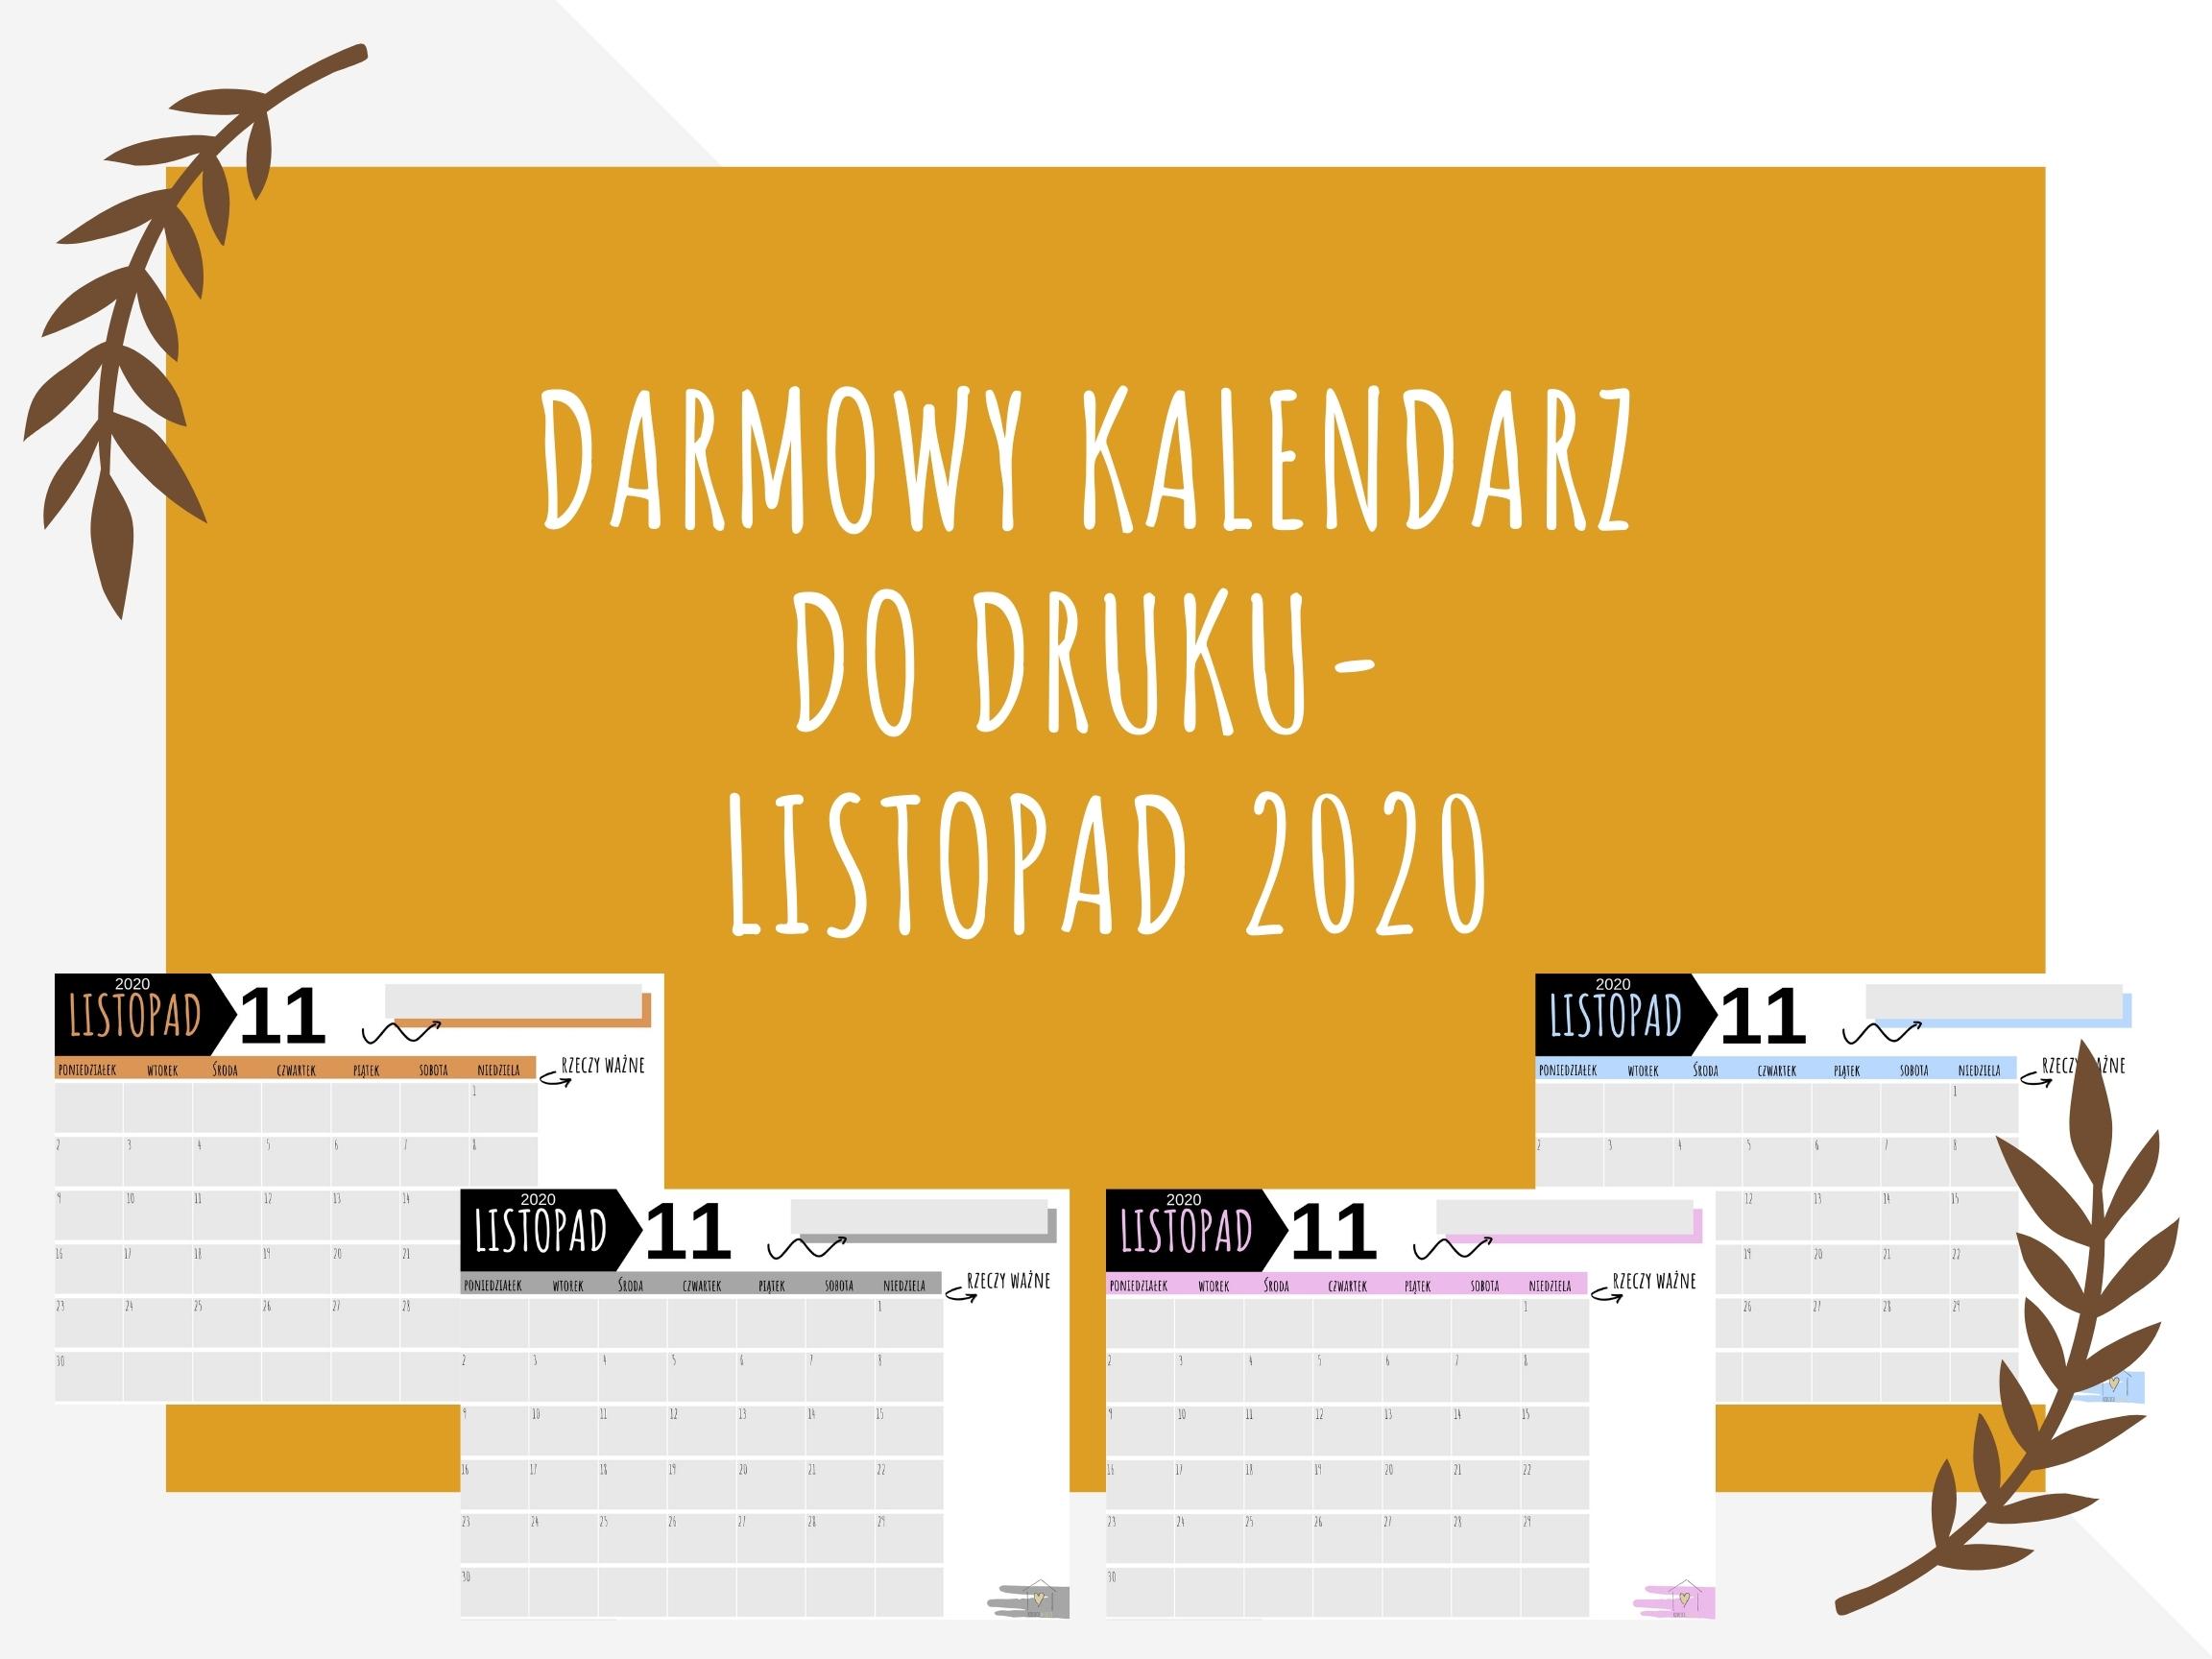 Darmowy kalendarz do druku- LISTOPAD 2020